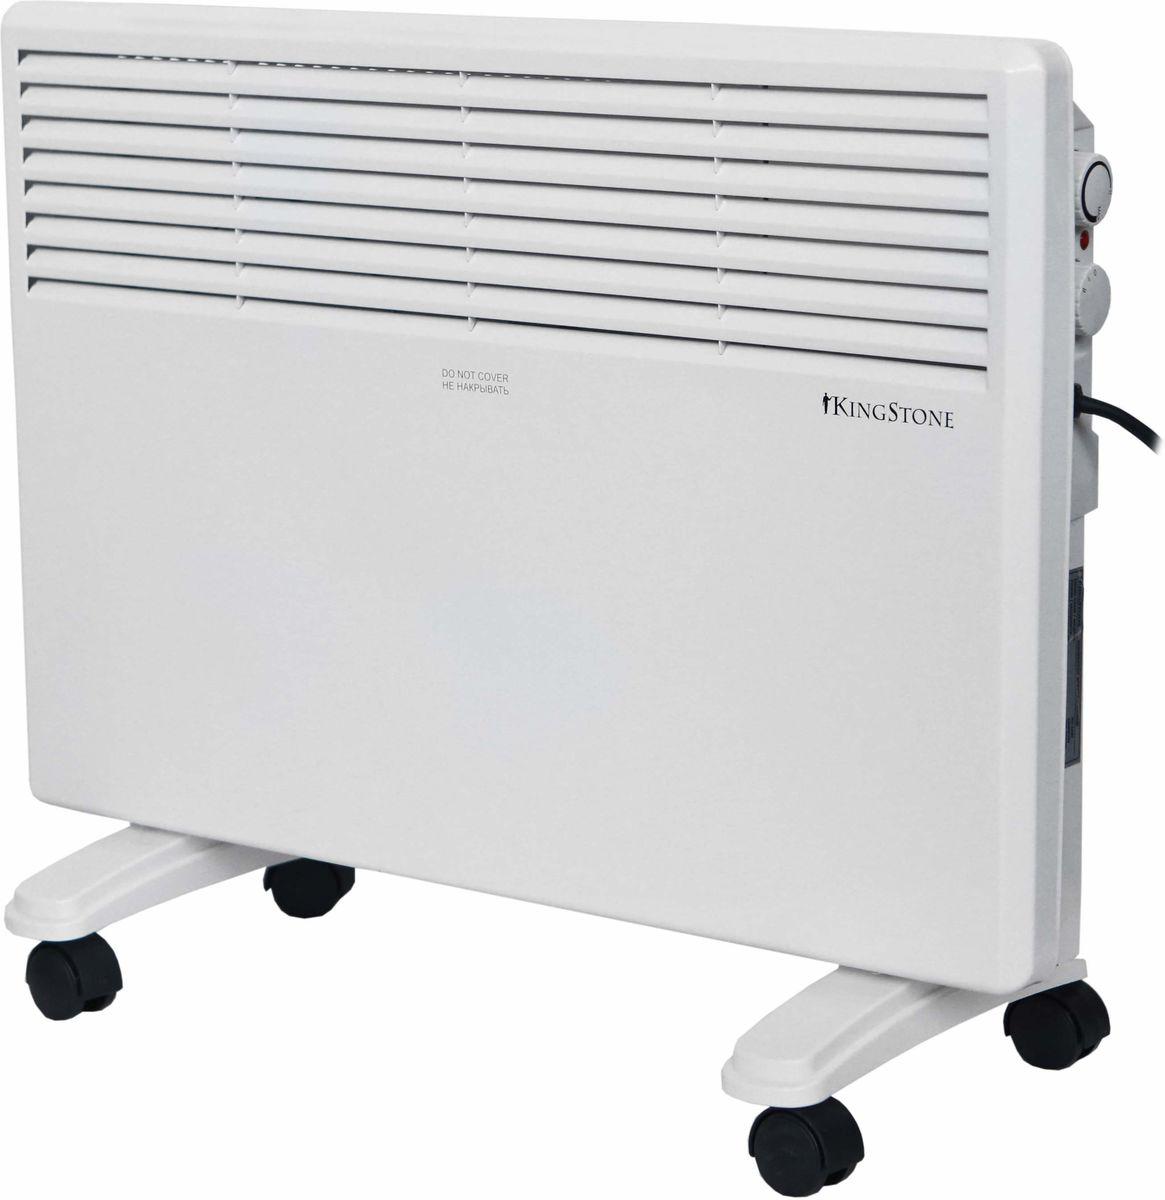 КingStone KH-1500 конвектор электрическийКingStone KH-1500Электрический конвектор КingStone KH-1500 - это современный, надежный, мобильный и экономичный обогреватель. Работа конвектора КingStone KH-1500 основана на принципе естественной конвекции: холодный воздух поступает внутрь обогревателя через отверстие в нижней части и, проходя через нагревательный элемент, уже нагретый воздух выходит через жалюзи, расположенные на передней панели обогревателя. Современный внешний вид позволяет гармонично вписать конвектор в любой интерьер. br>С влагостойким исполнением корпуса прибора IPX4 прибор можно использовать в помещениях с повышенной влажностью и обилием брызг Удобная в эксплуатации, интуитивно понятная панель управления облегчает использование прибора